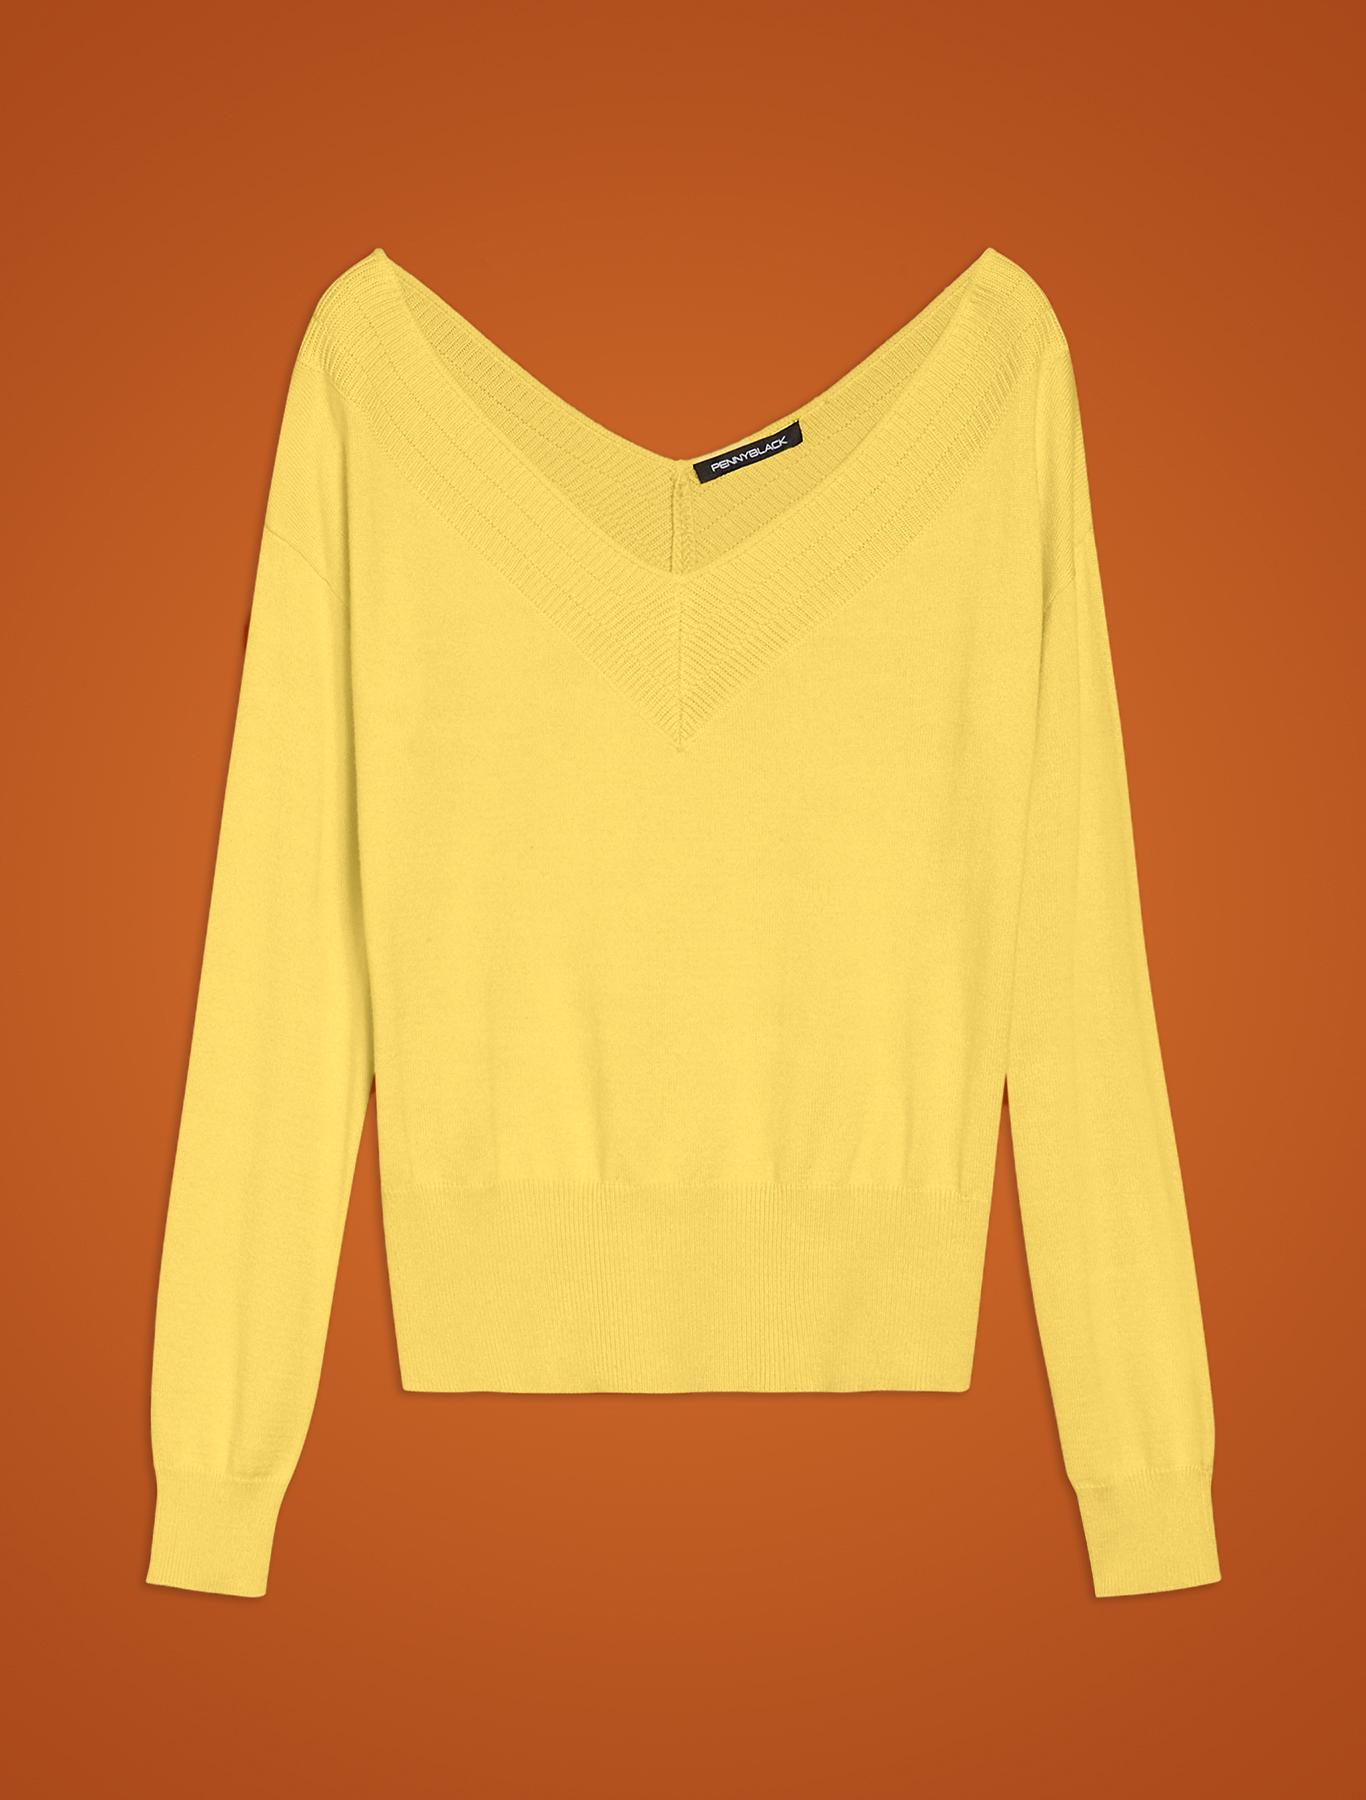 V neck jumper - lemon - pennyblack